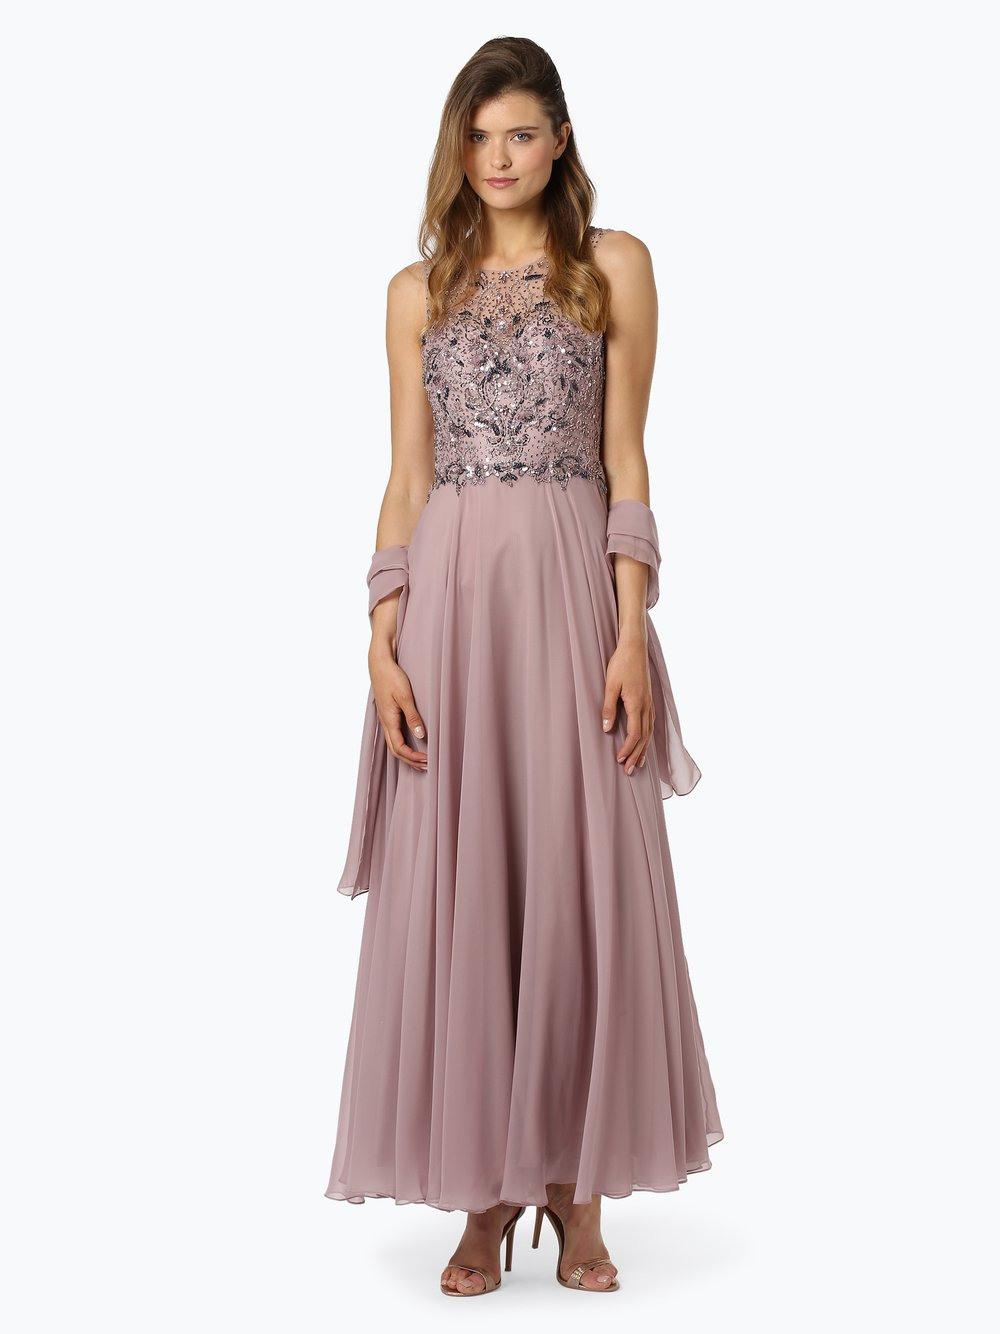 17 Schön Unique Damen Abendkleid Design17 Wunderbar Unique Damen Abendkleid Stylish